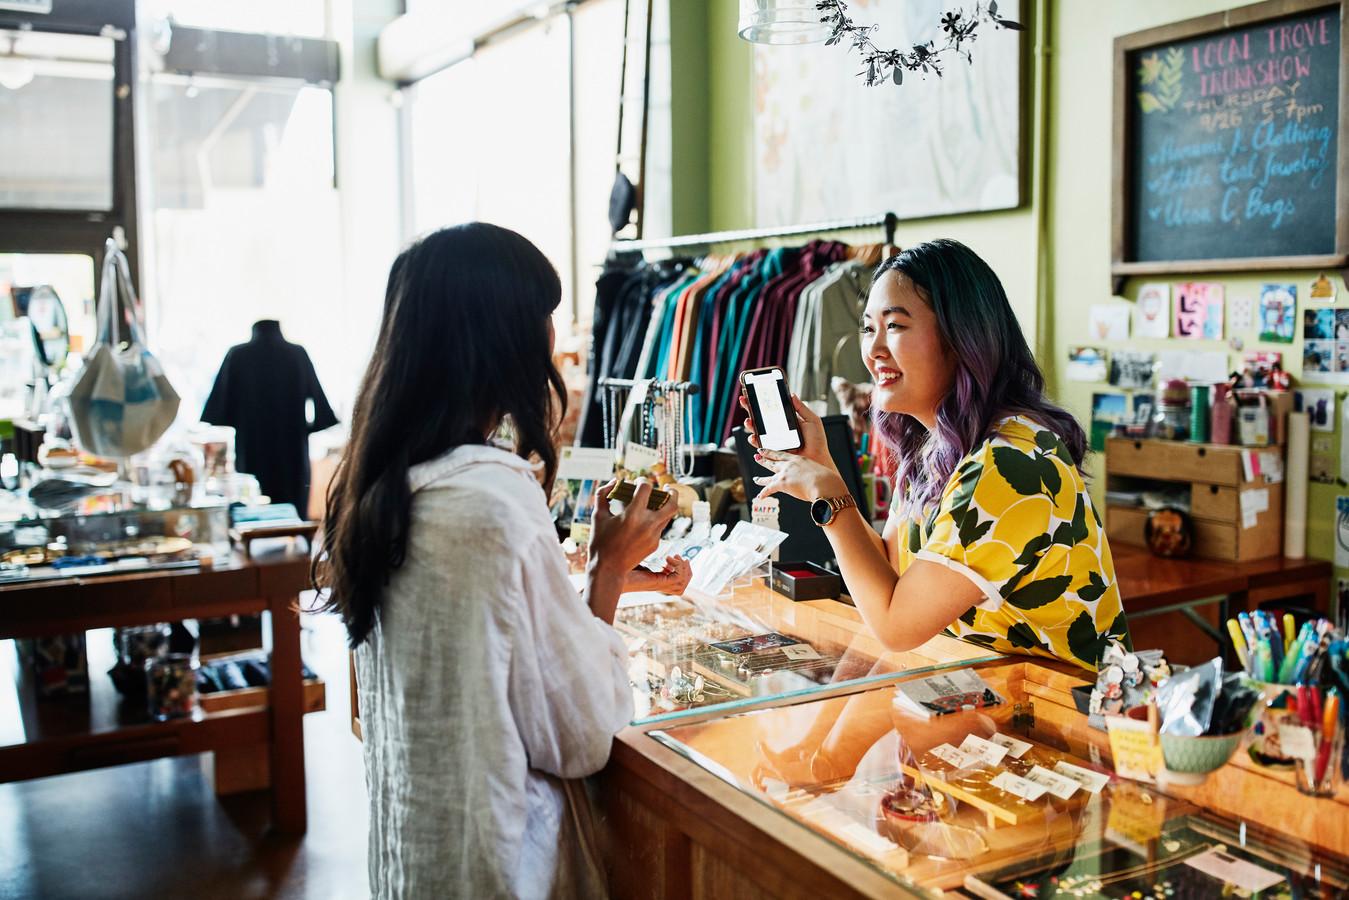 Dit zijn de best betaalde jobs in de retail